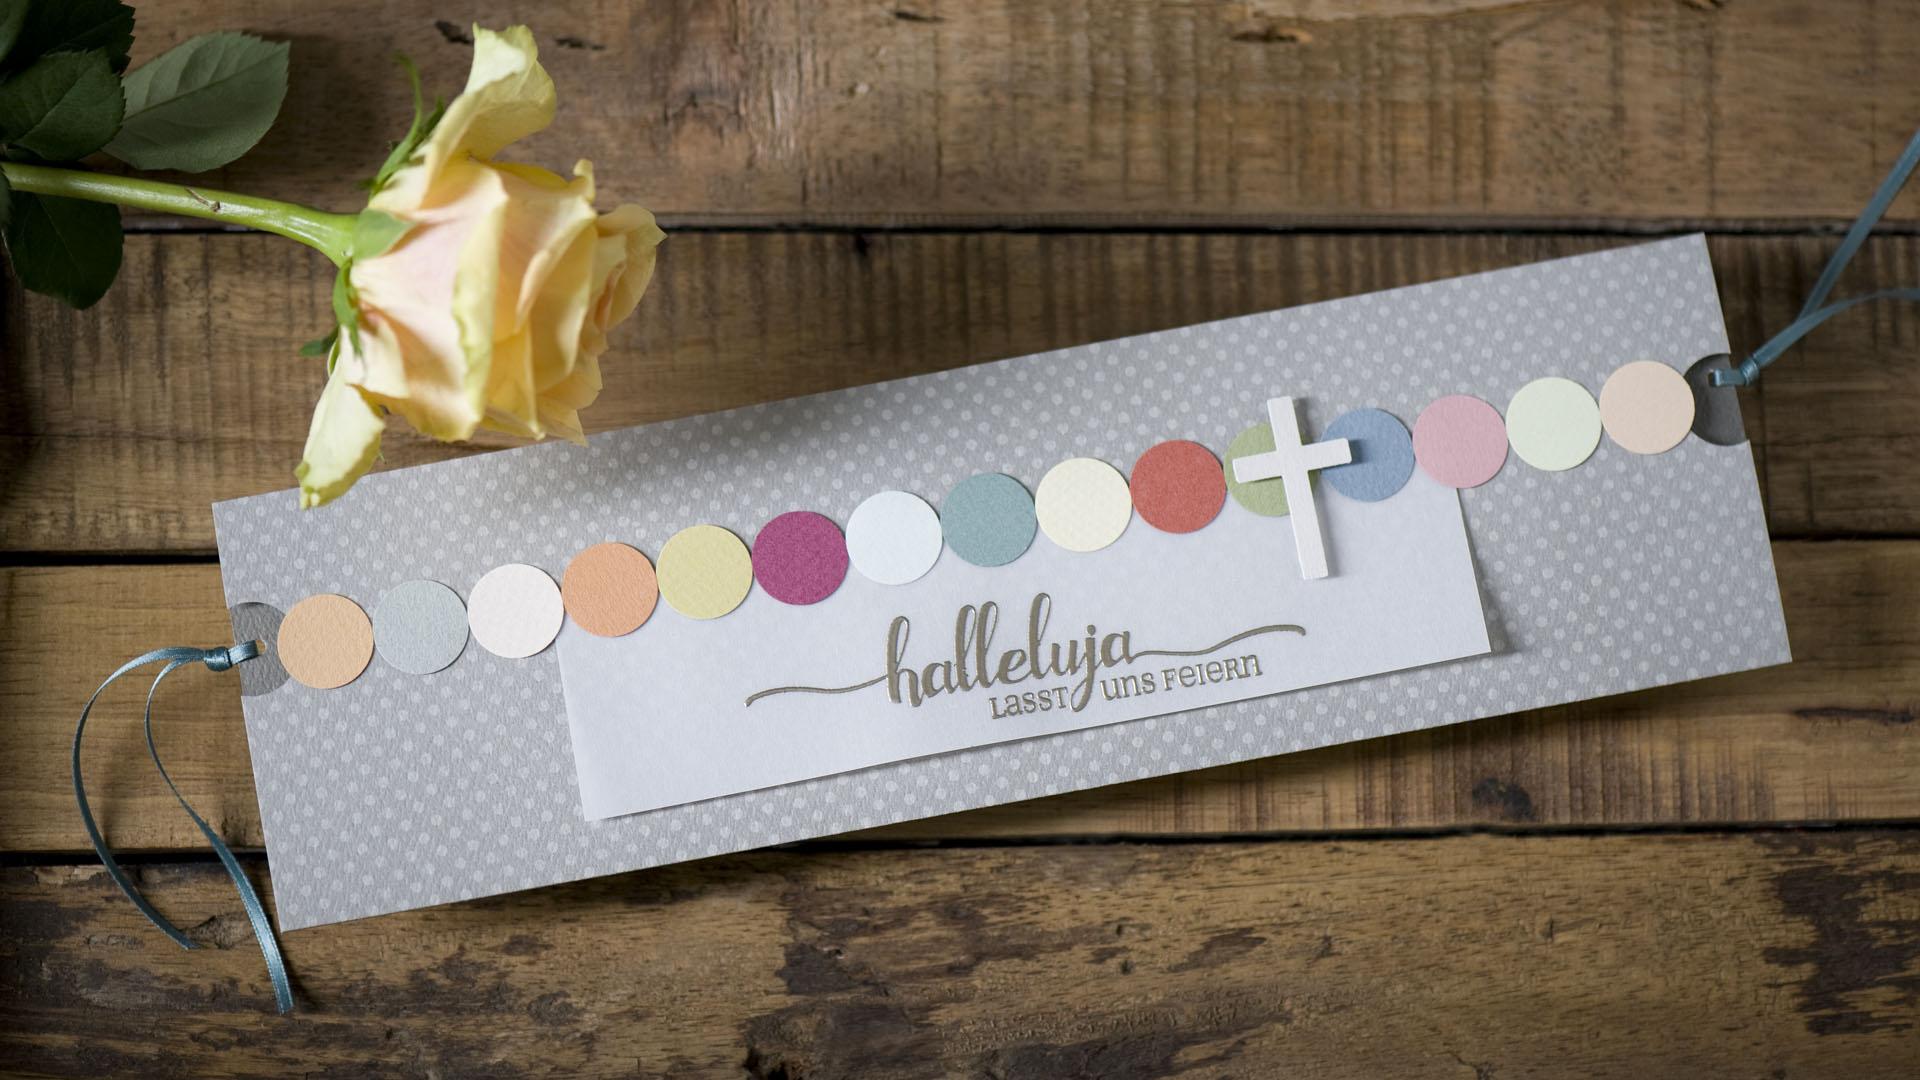 Ideen für Kommunion und Konfirmation: Halleluja - Lasst uns feiern | Einladungs- und Grußkarte